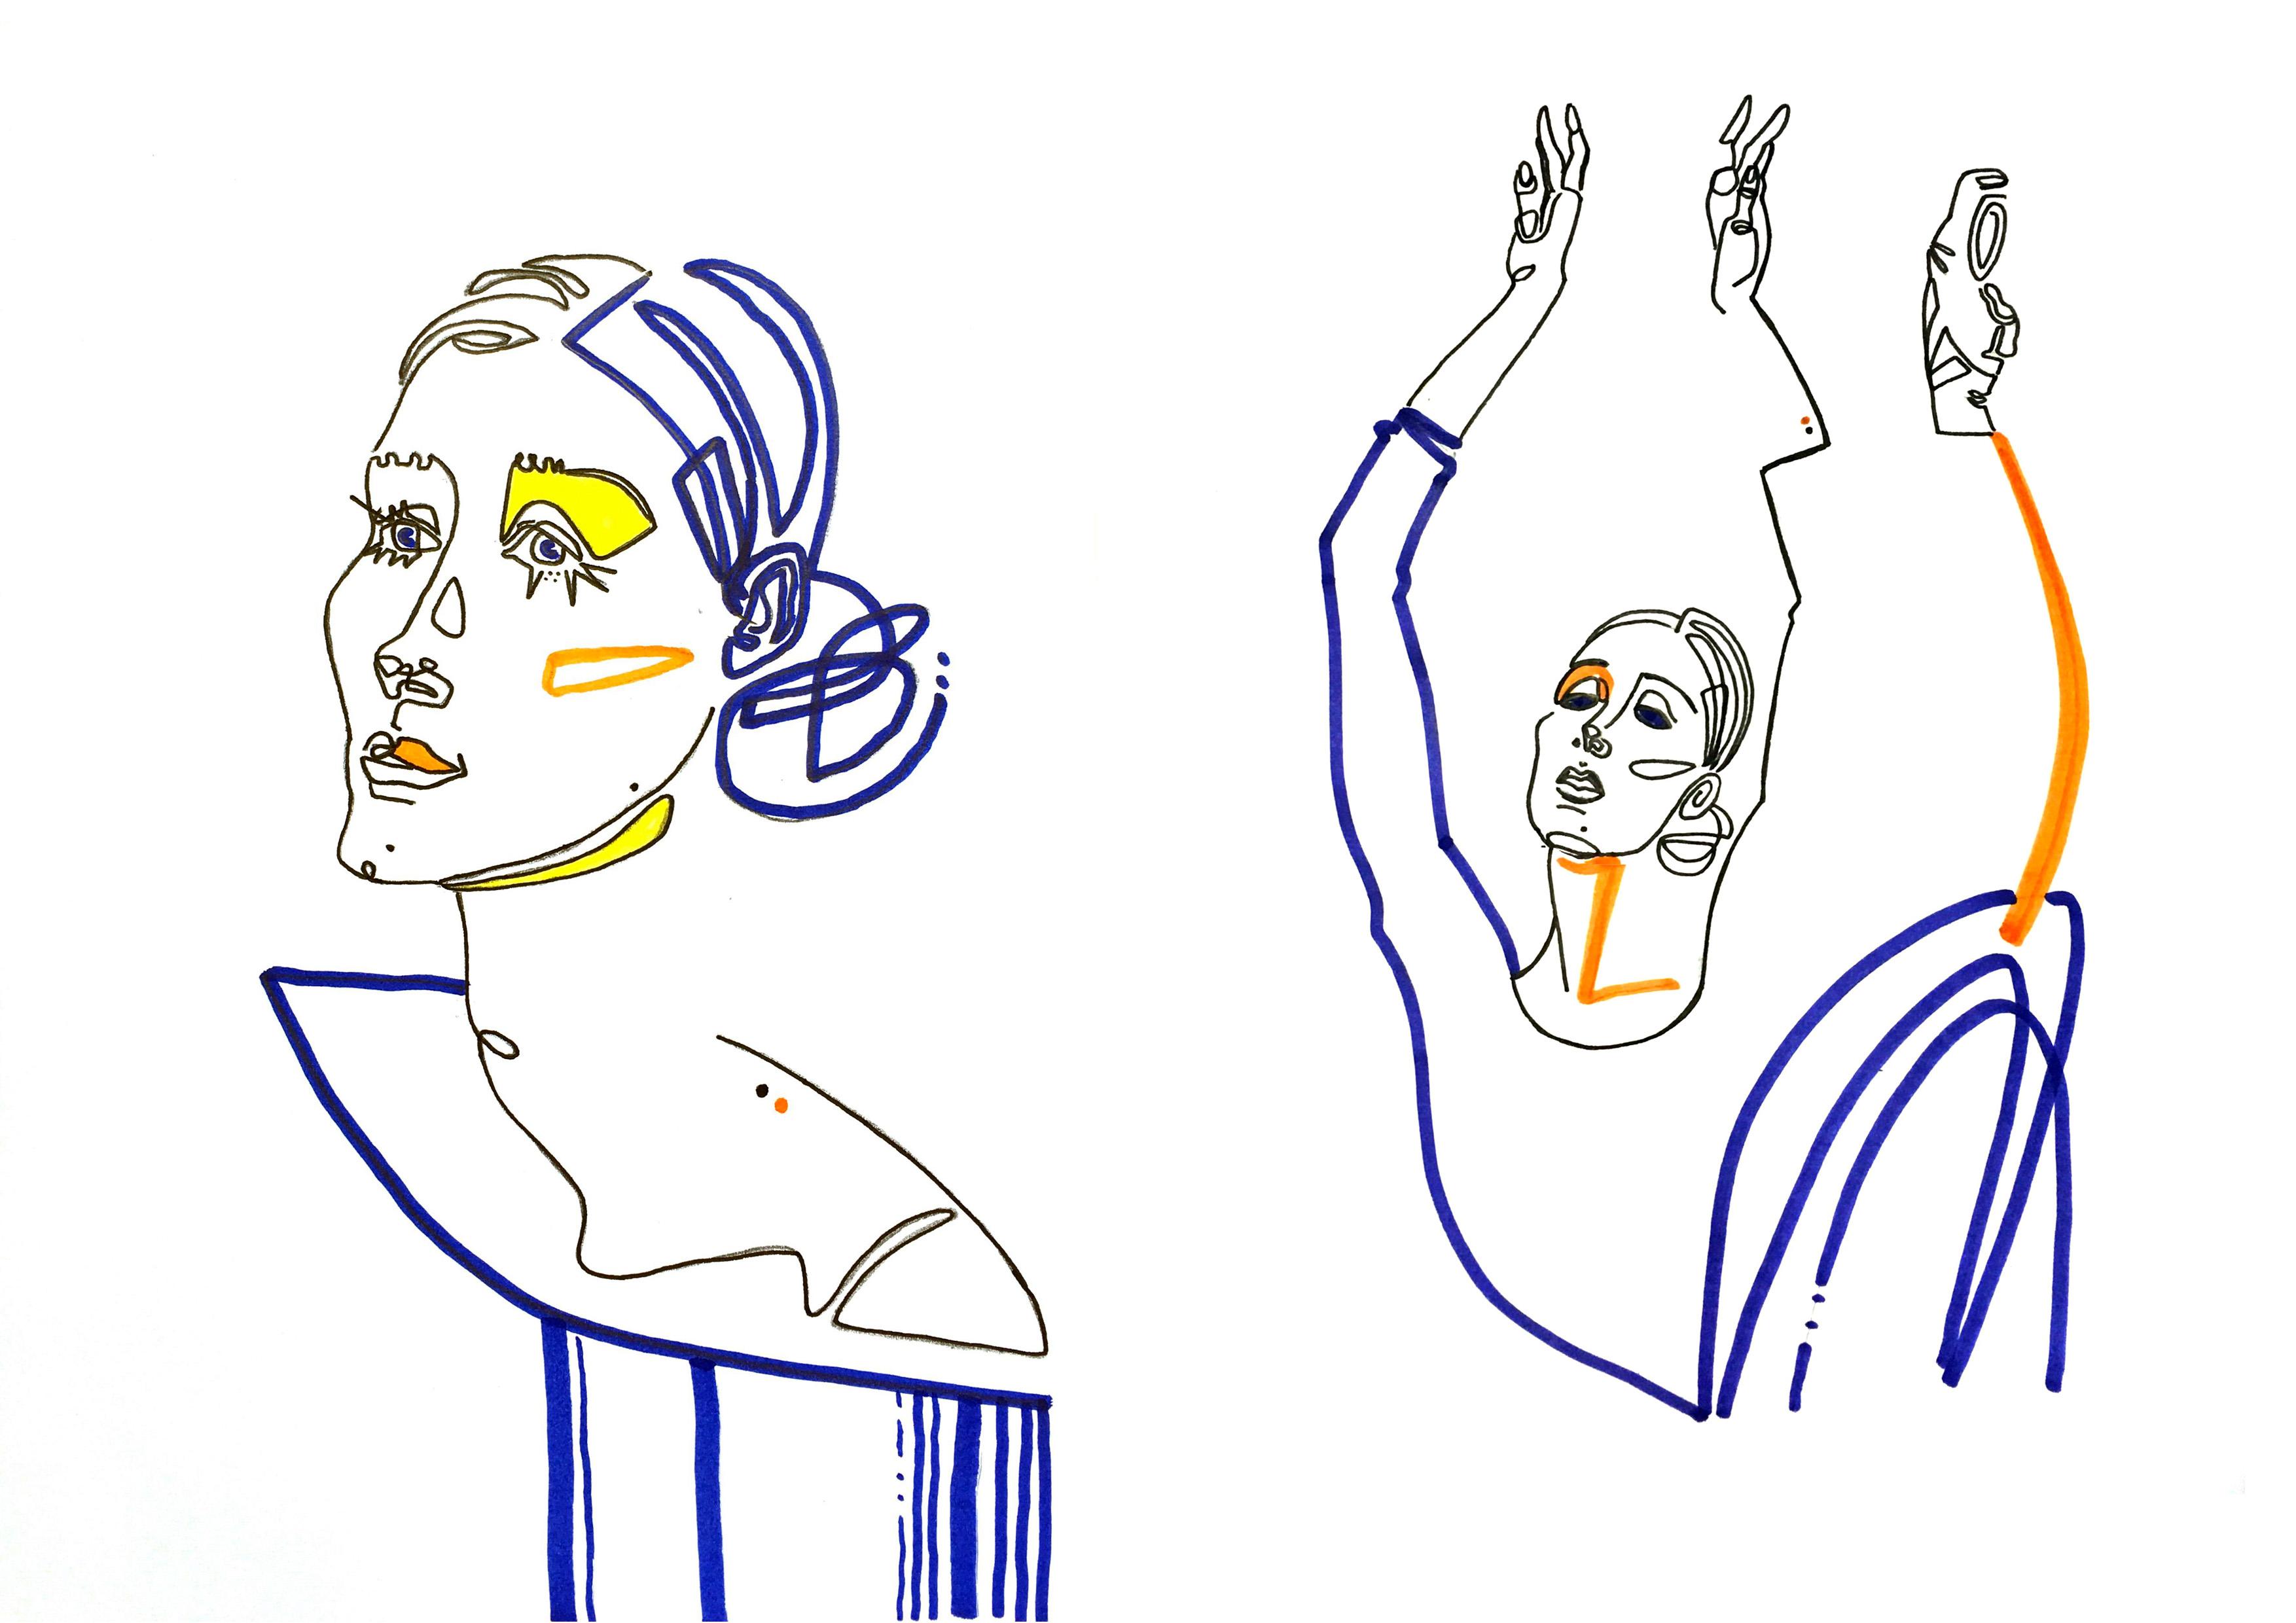 Анна Гончарова иллюстрации